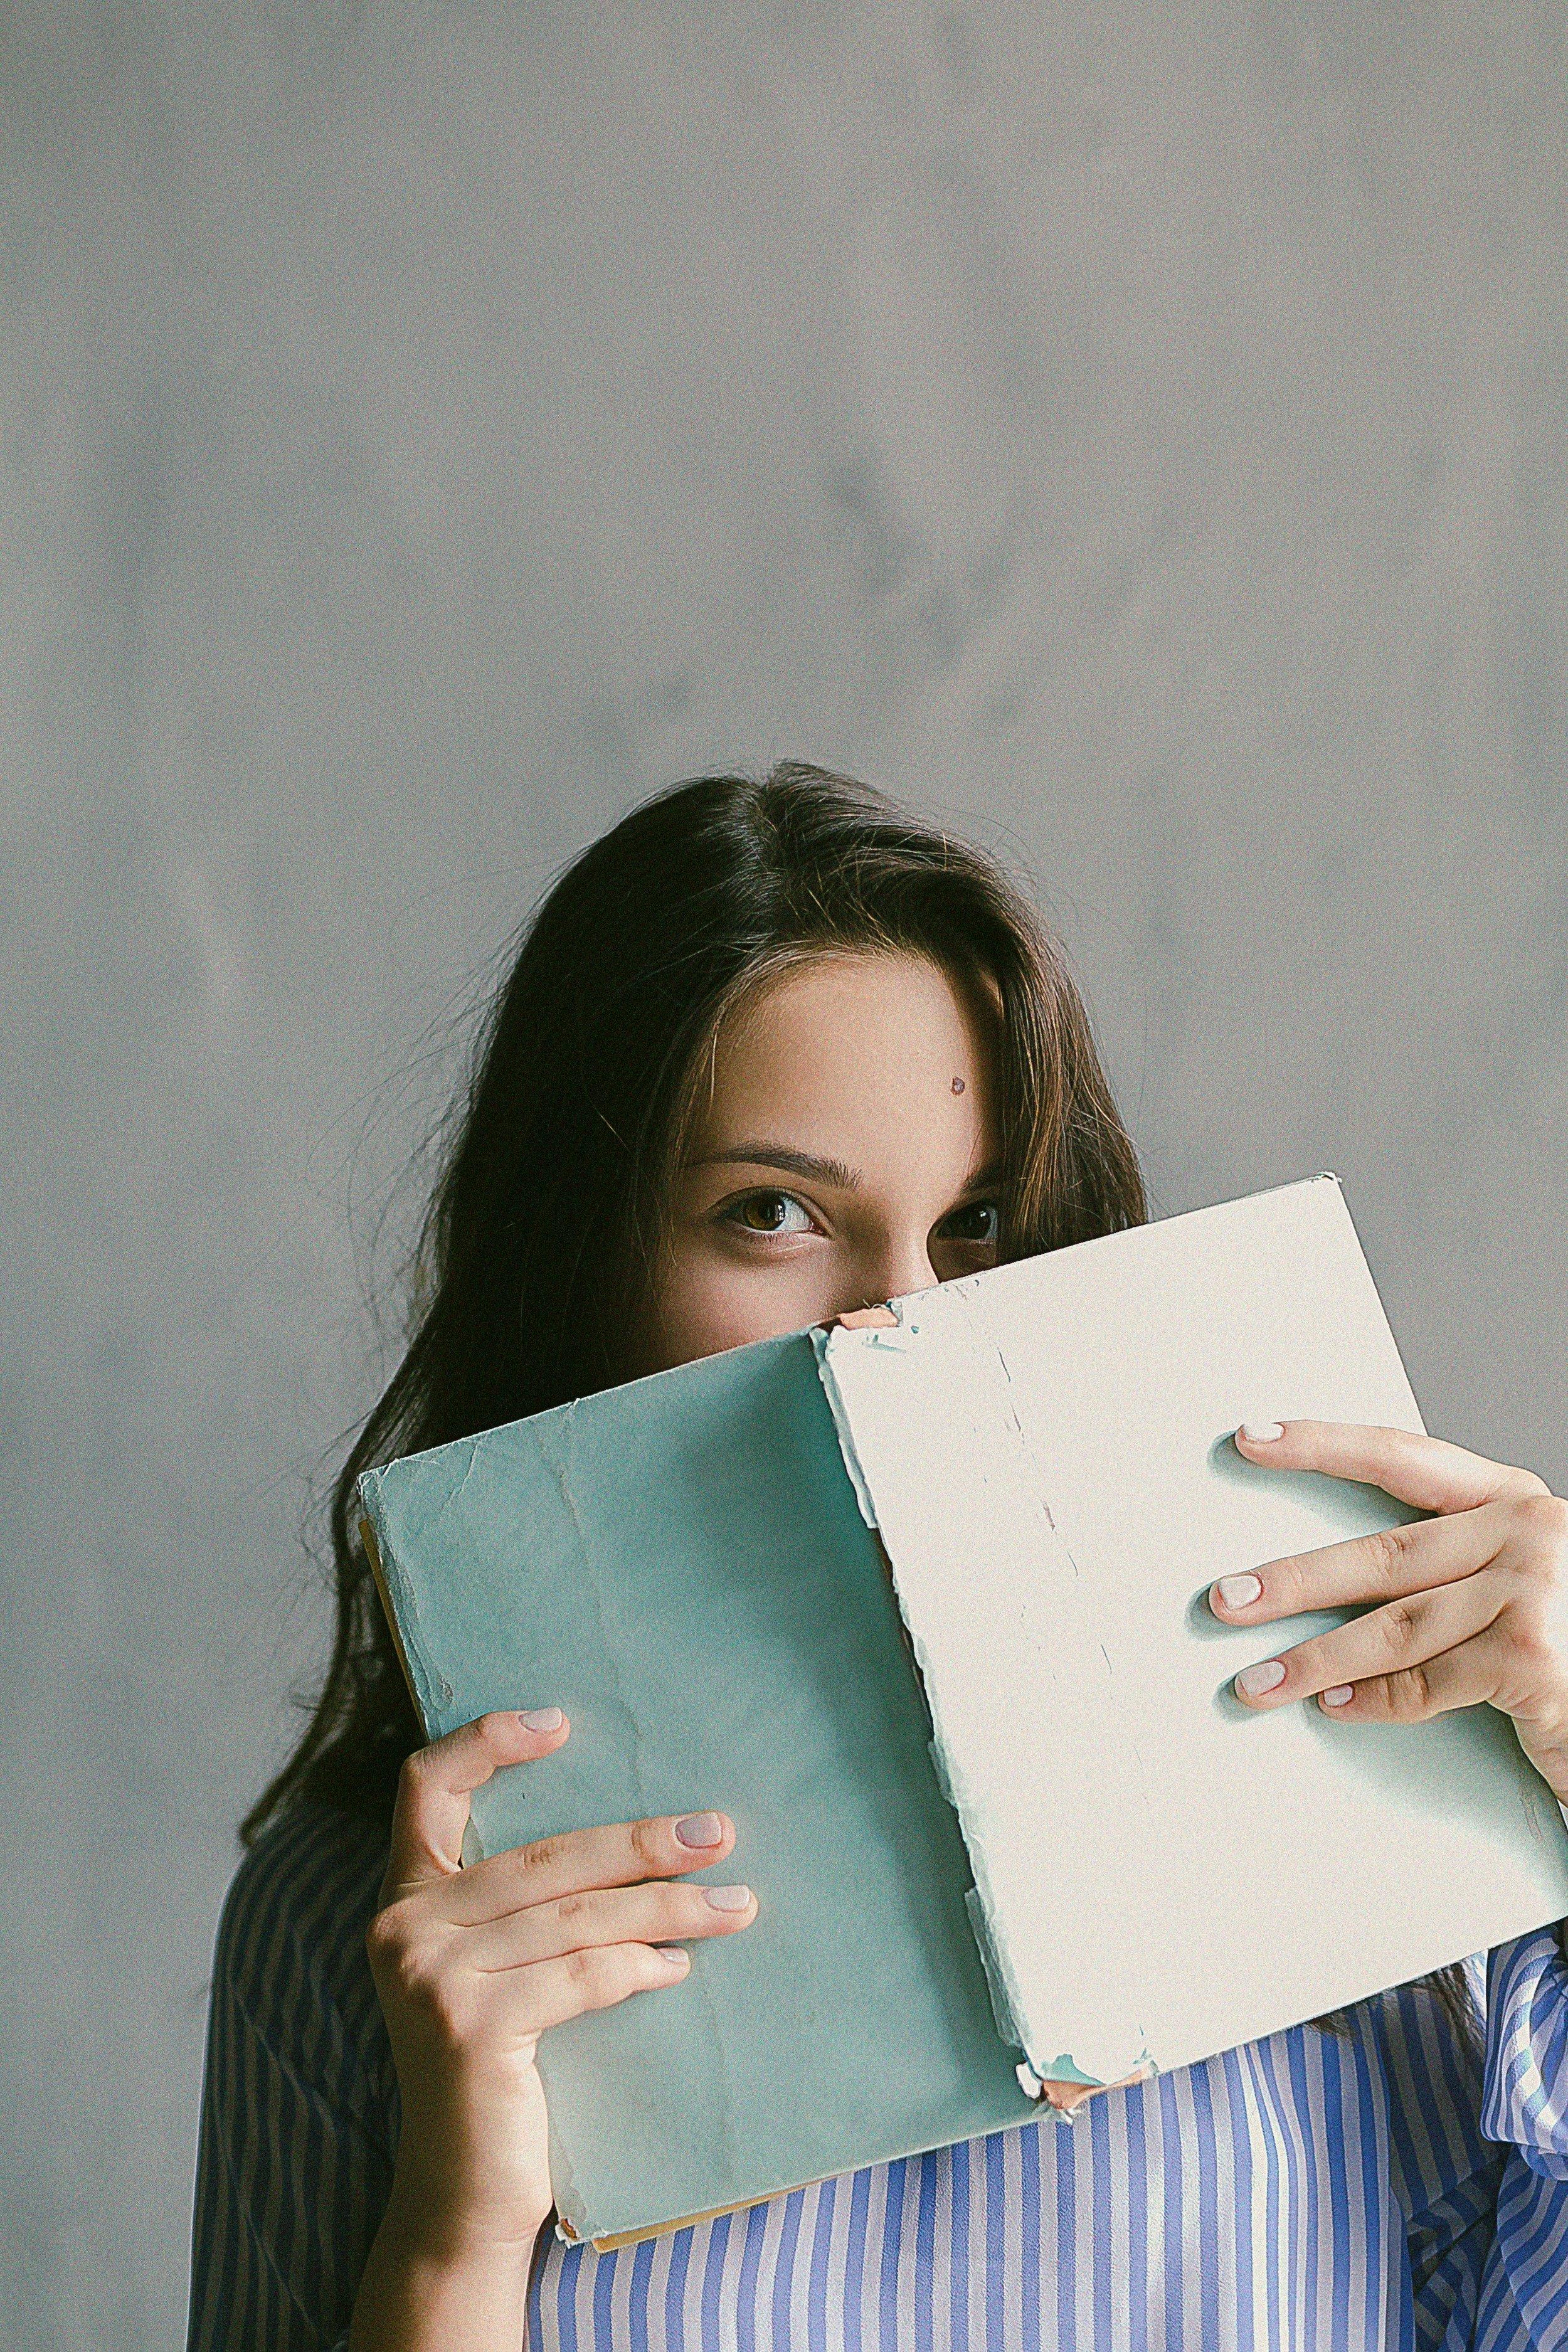 adult-blank-book-bindings-698928.jpg